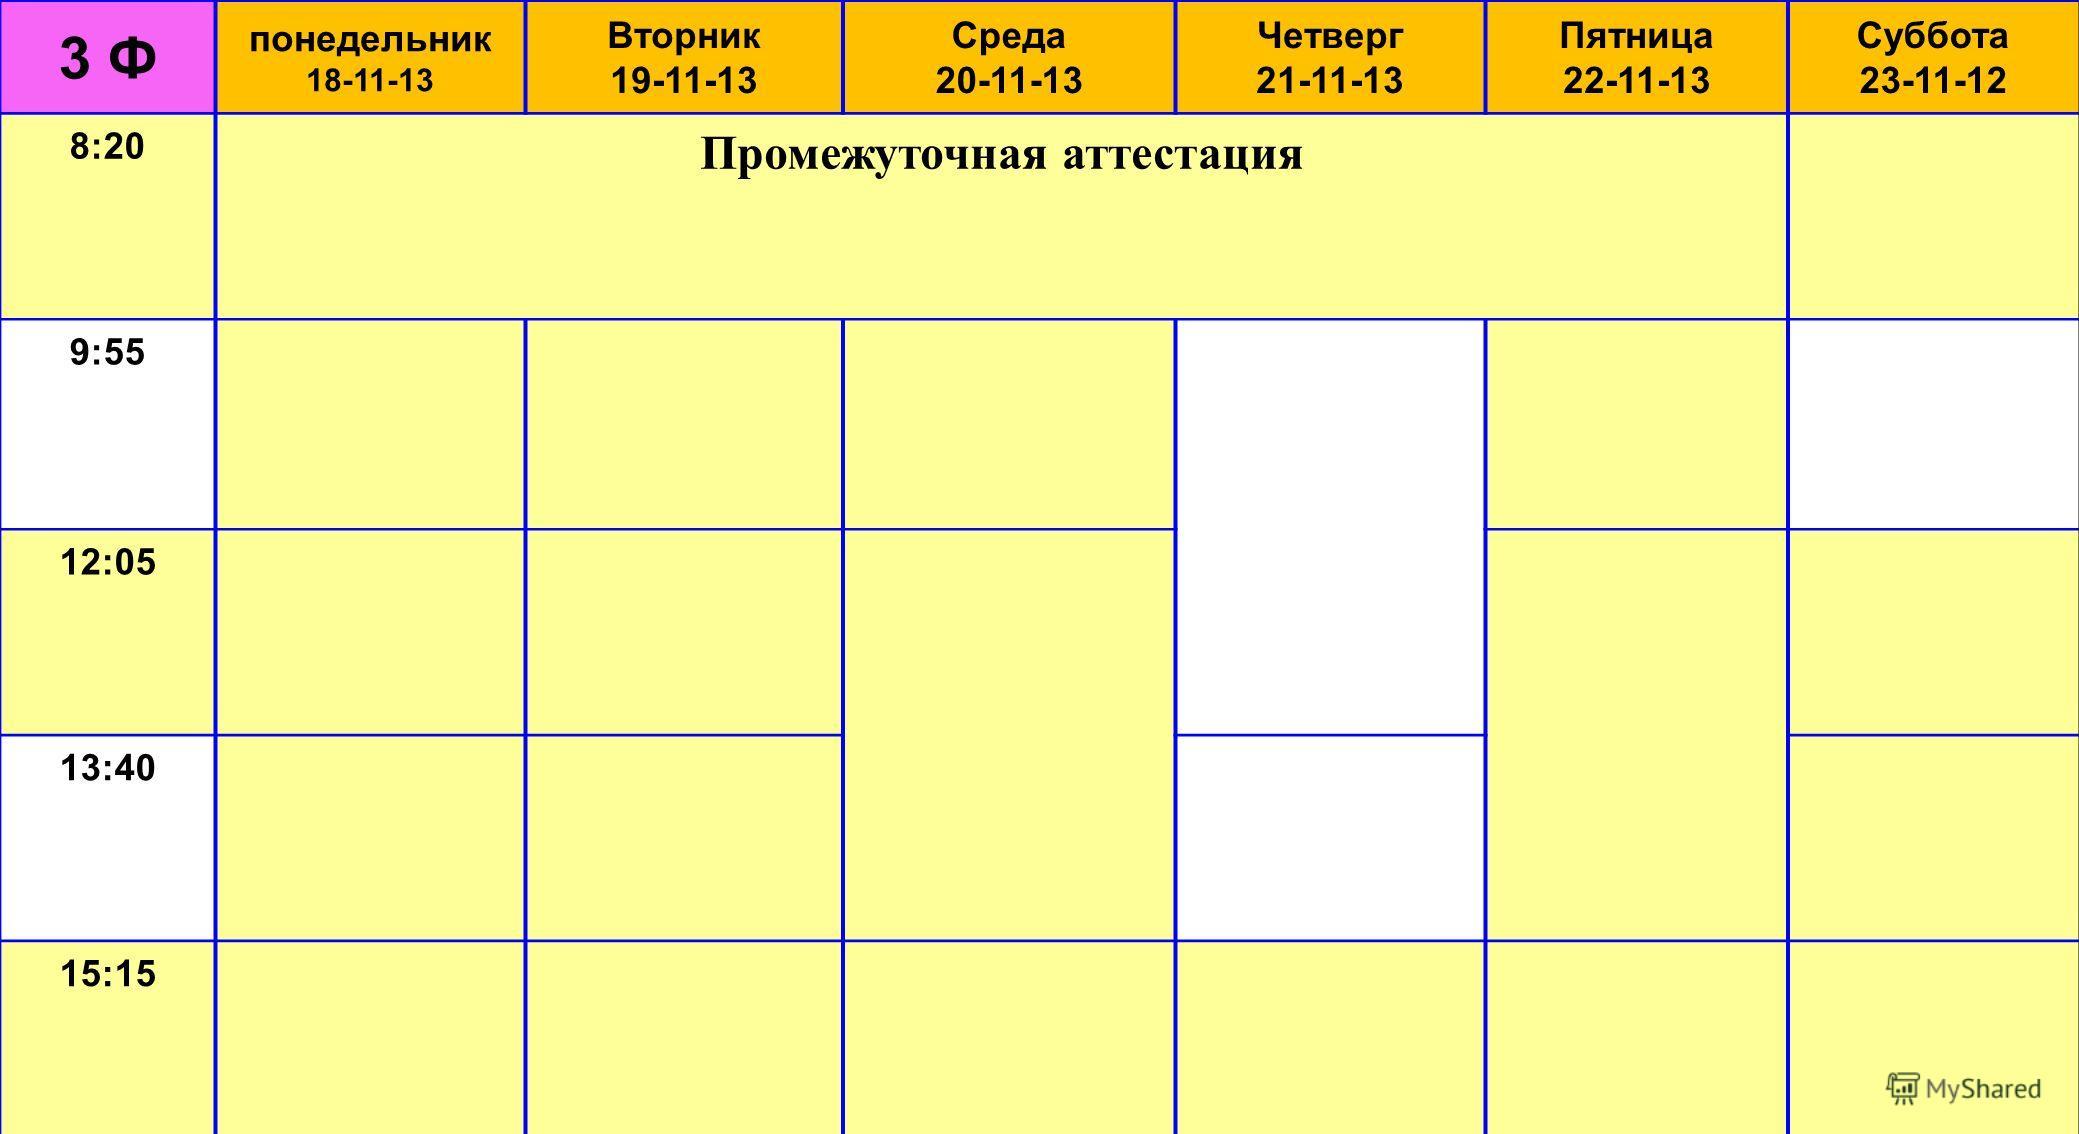 3 Ф понедельник 18-11-13 Вторник 19-11-13 Среда 20-11-13 Четверг 21-11-13 Пятница 22-11-13 Суббота 23-11-12 8:20 Промежуточная аттестация 9:55 12:05 13:40 15:15